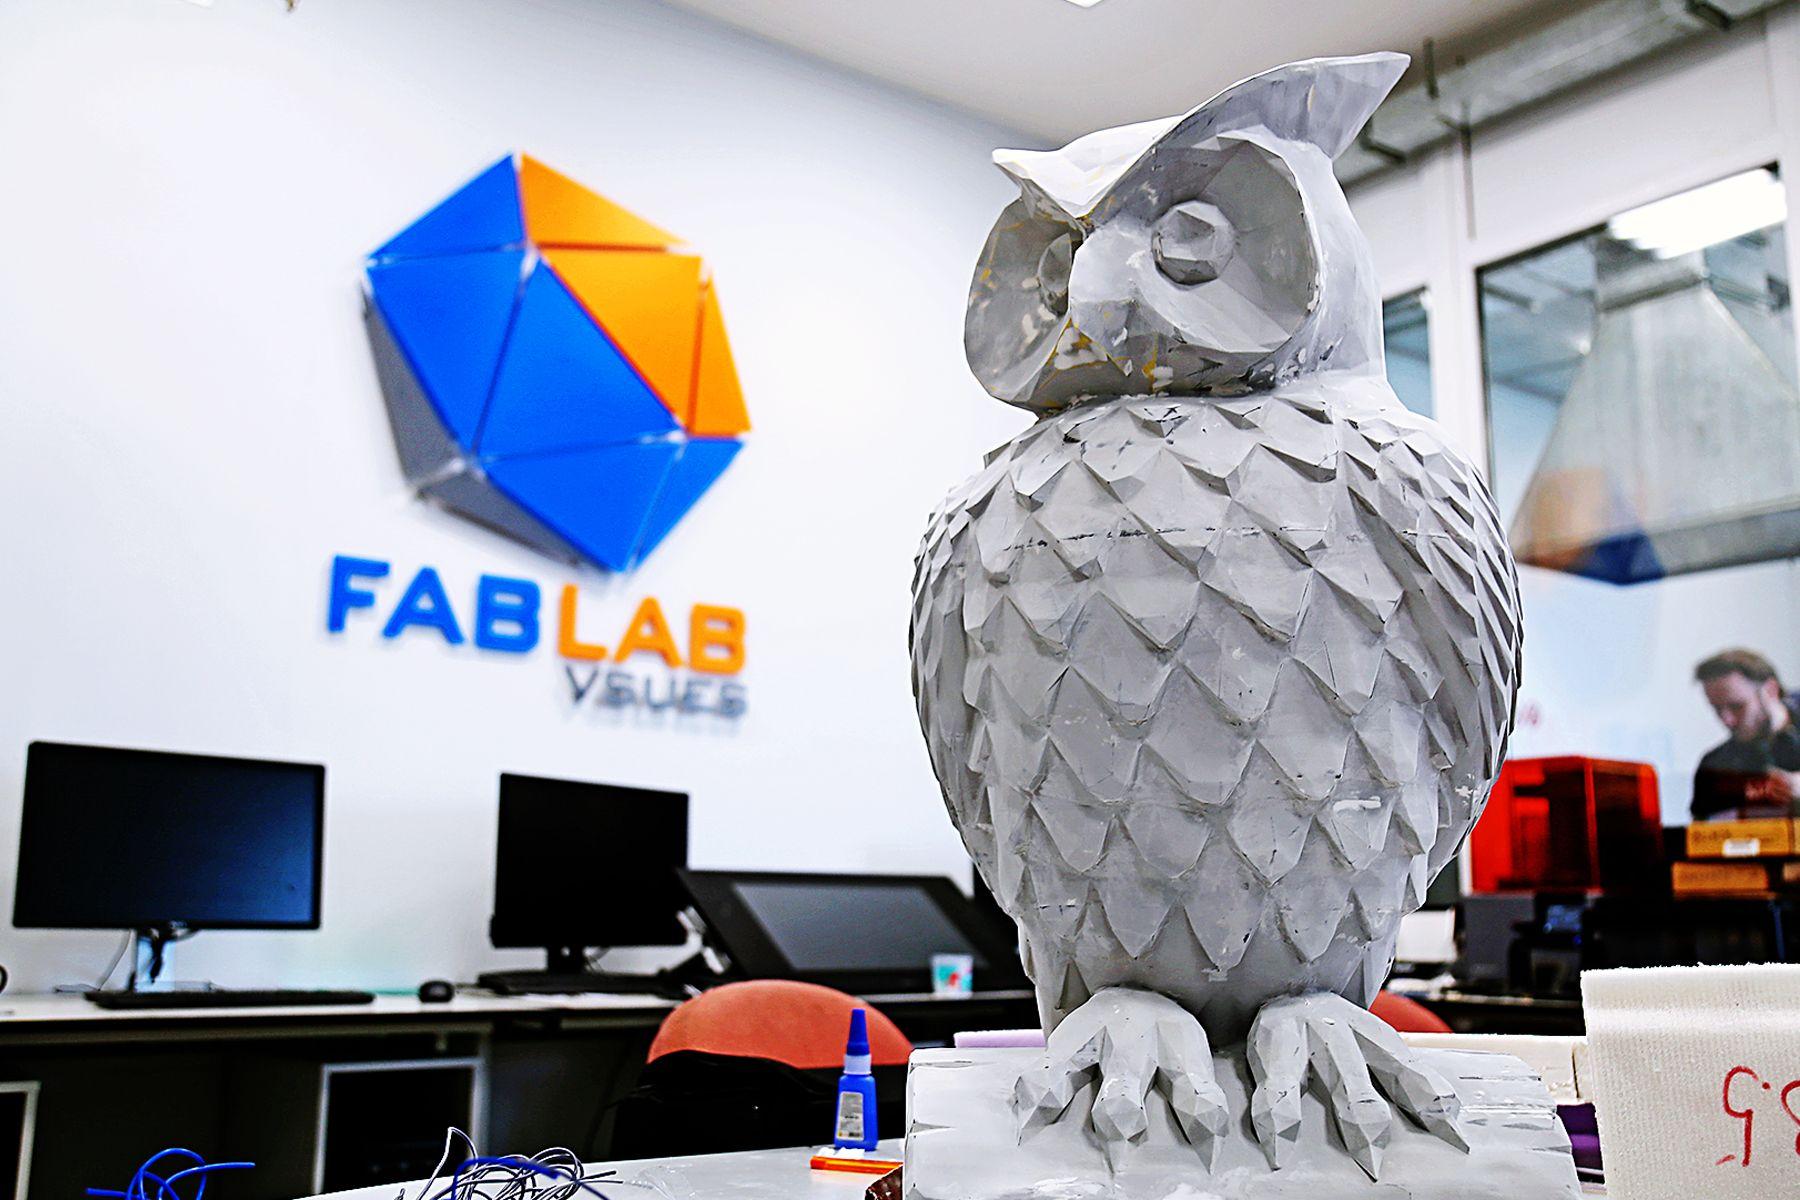 Цифровое производство лаборатории Fablab ВГУЭС – для реализации творческих идей и инновационных разработок